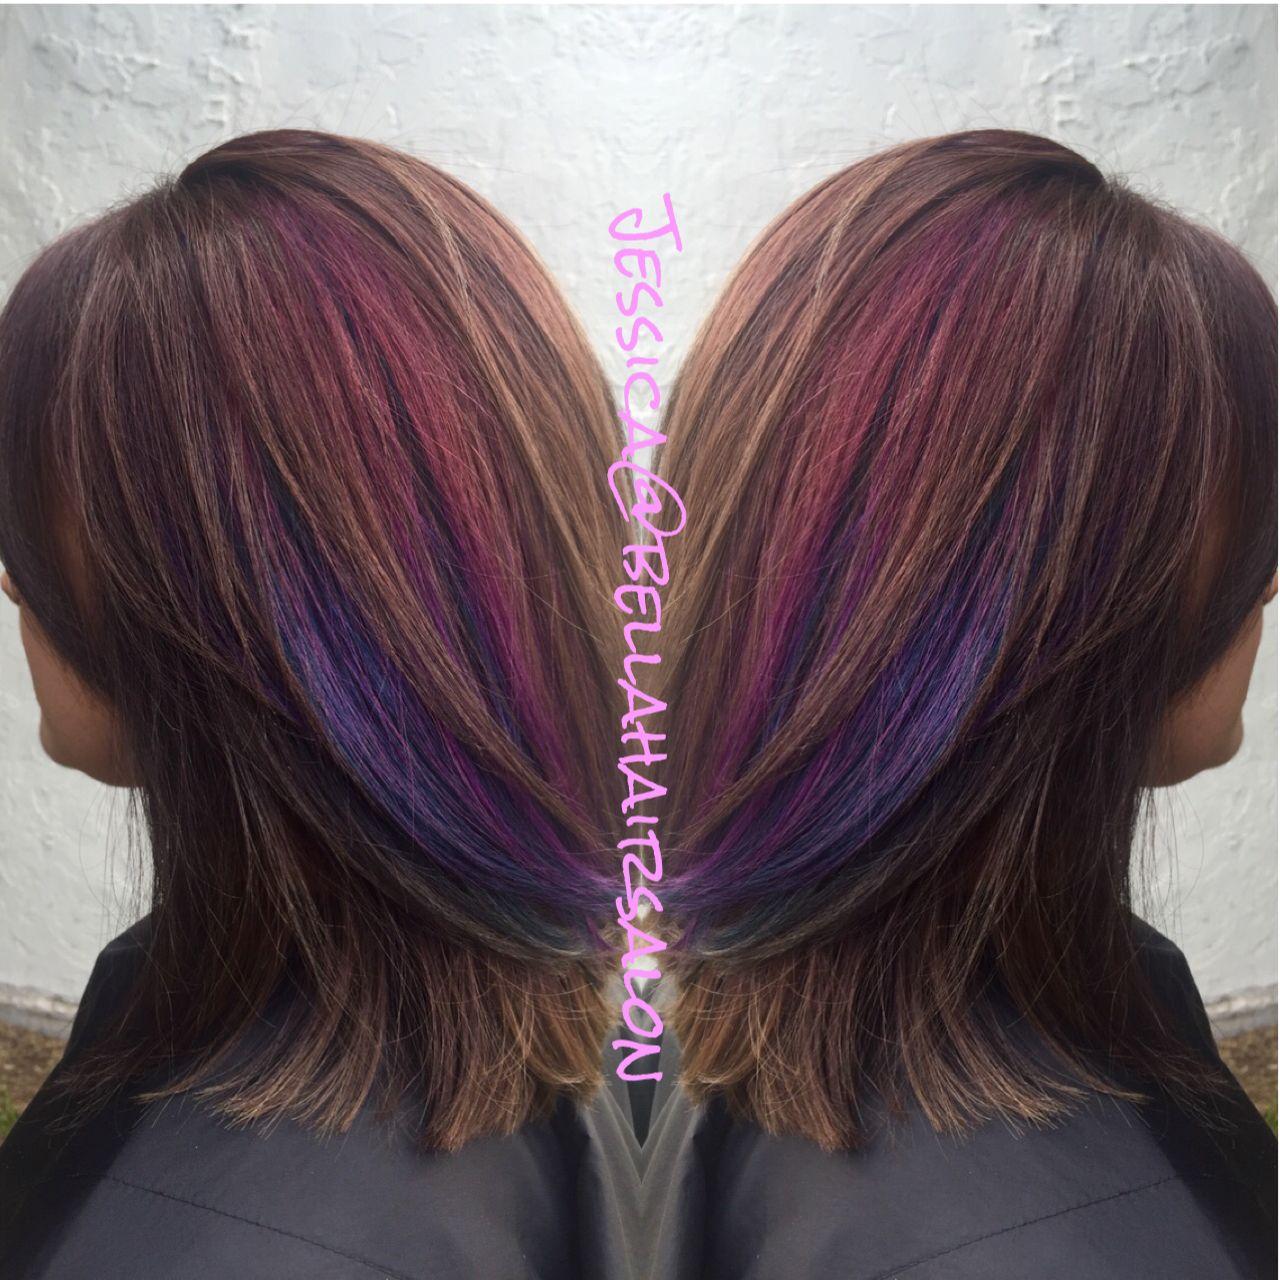 Brown With Purple And Pink Peekaboos Peekaboo Hair